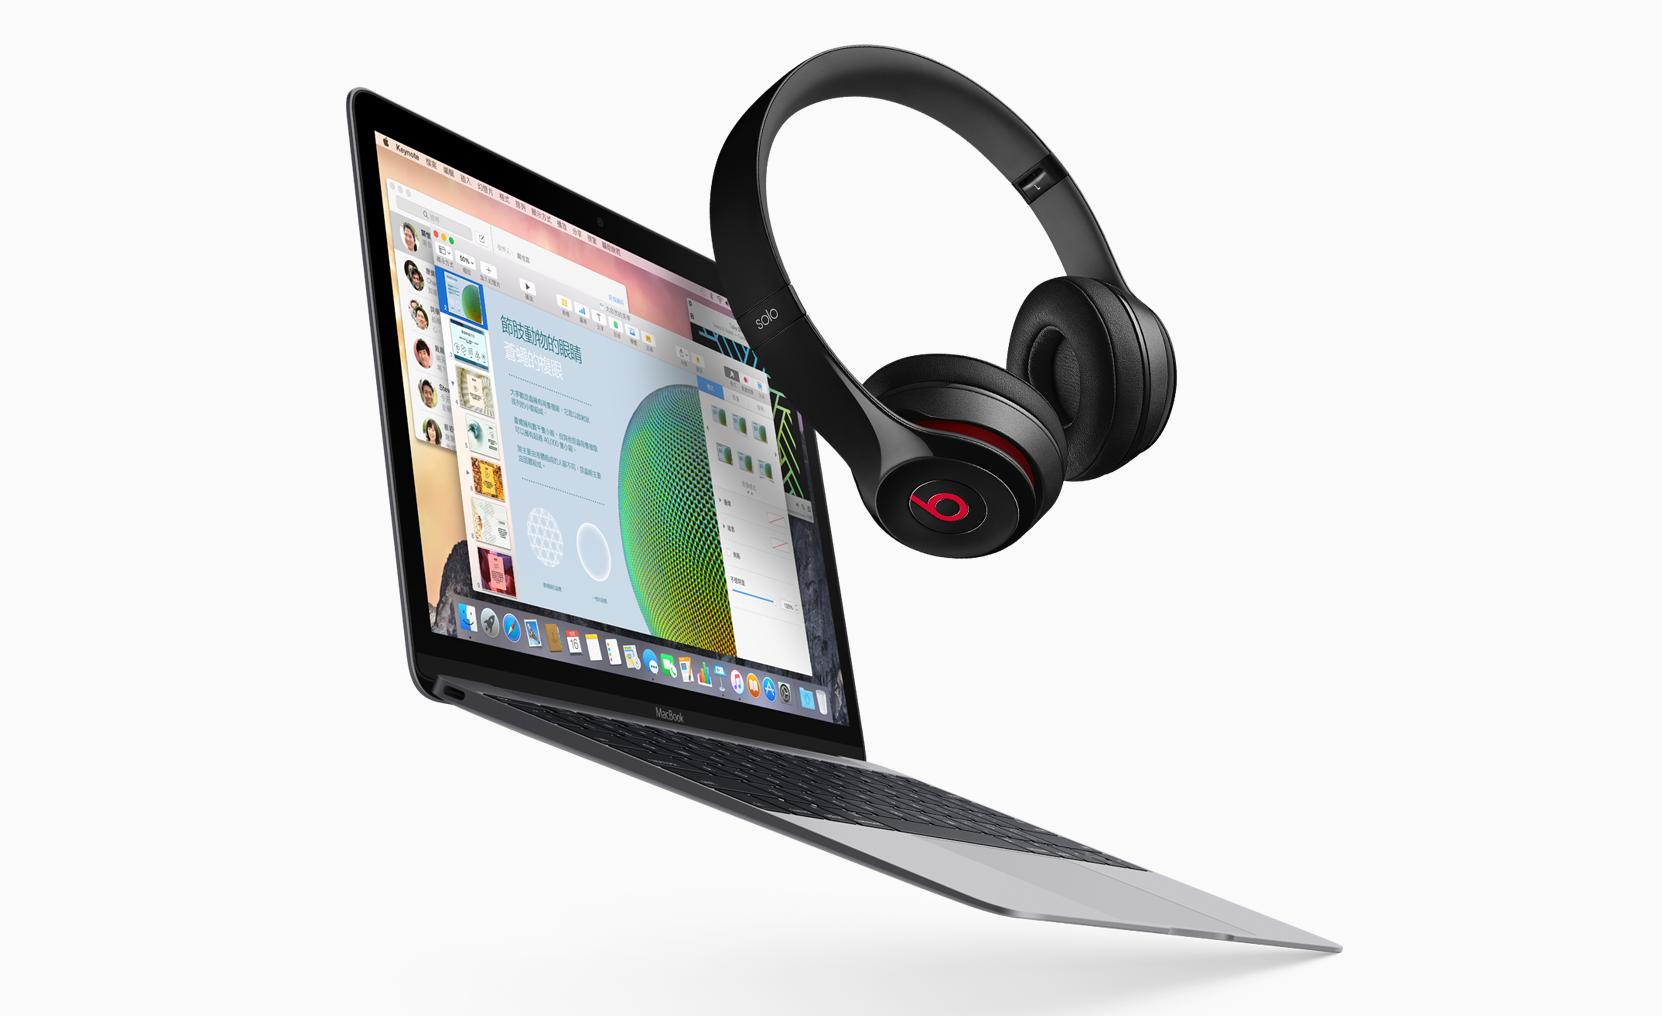 〔開學買機〕 Apple Back to School 2015 優惠來了!平$1500加送Beats耳機